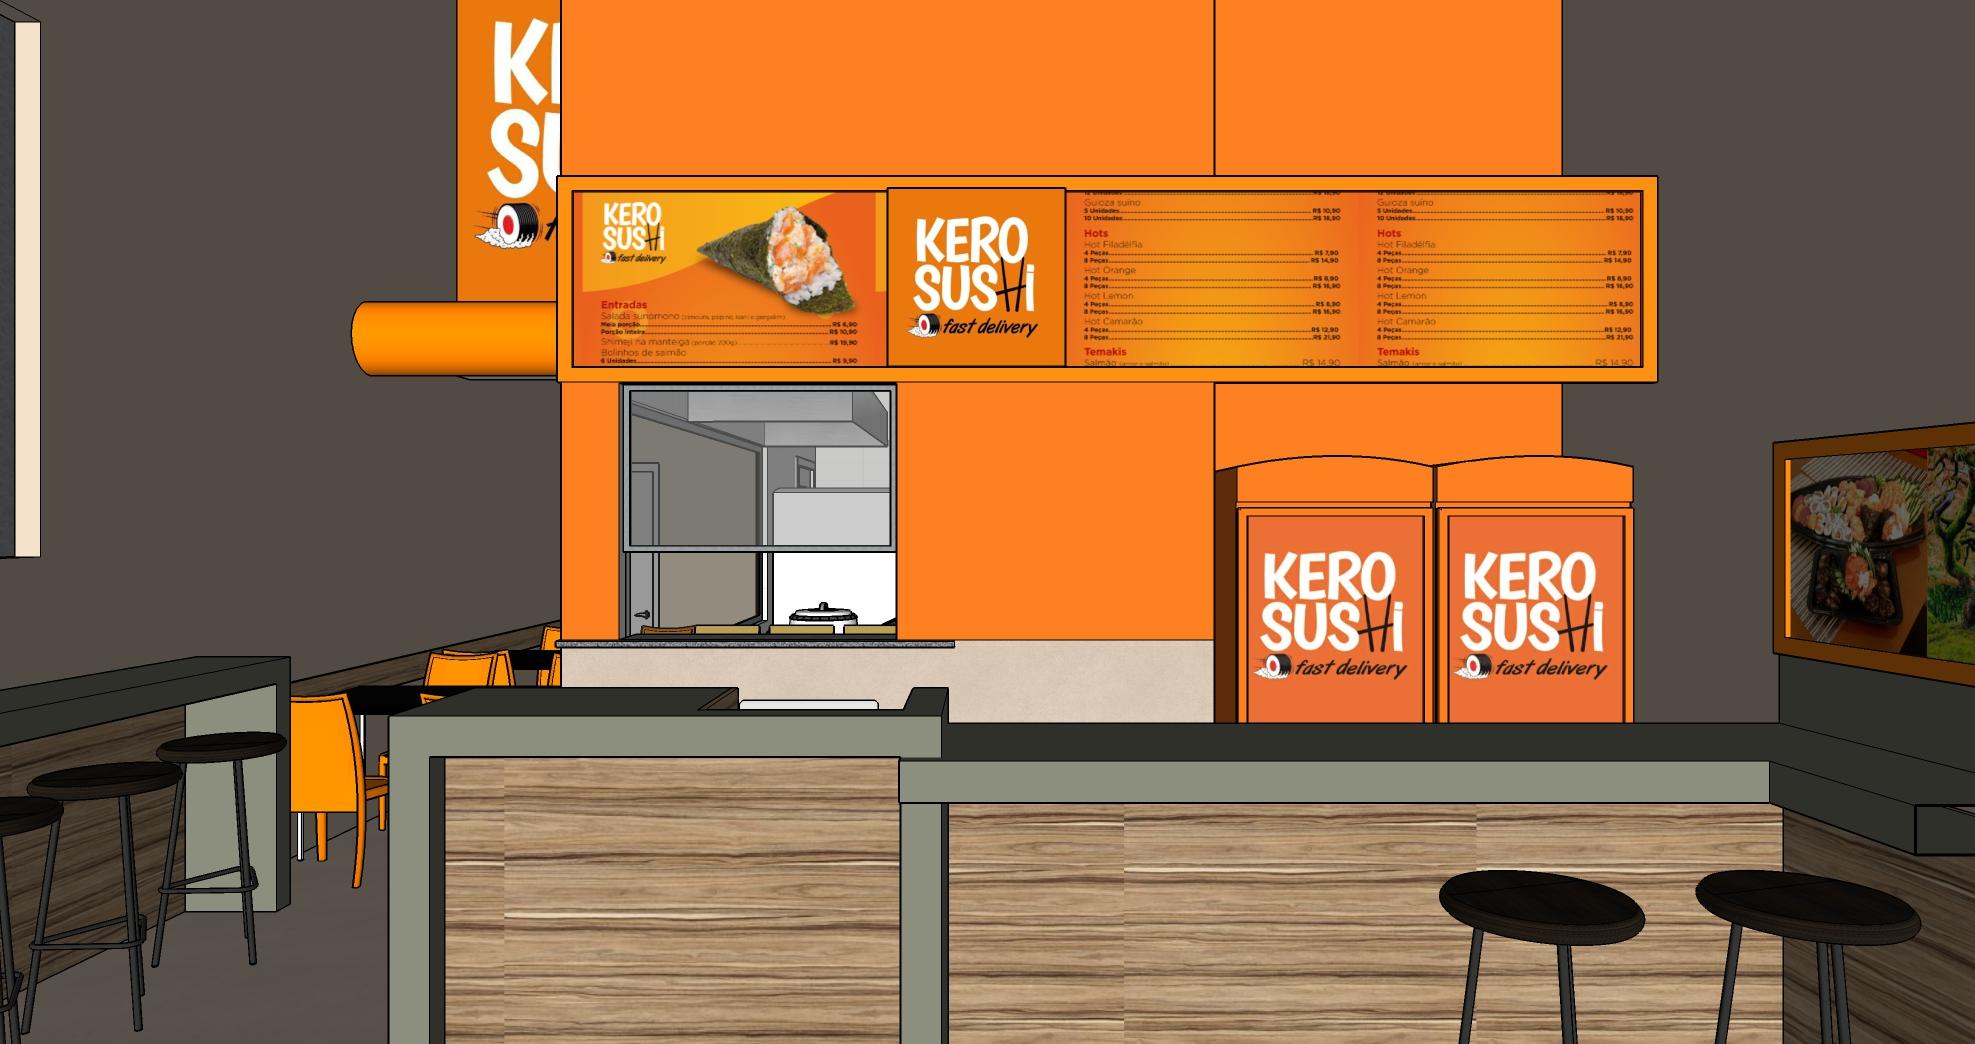 Kero sushi_POA ZS_anteprojeto_vista_01